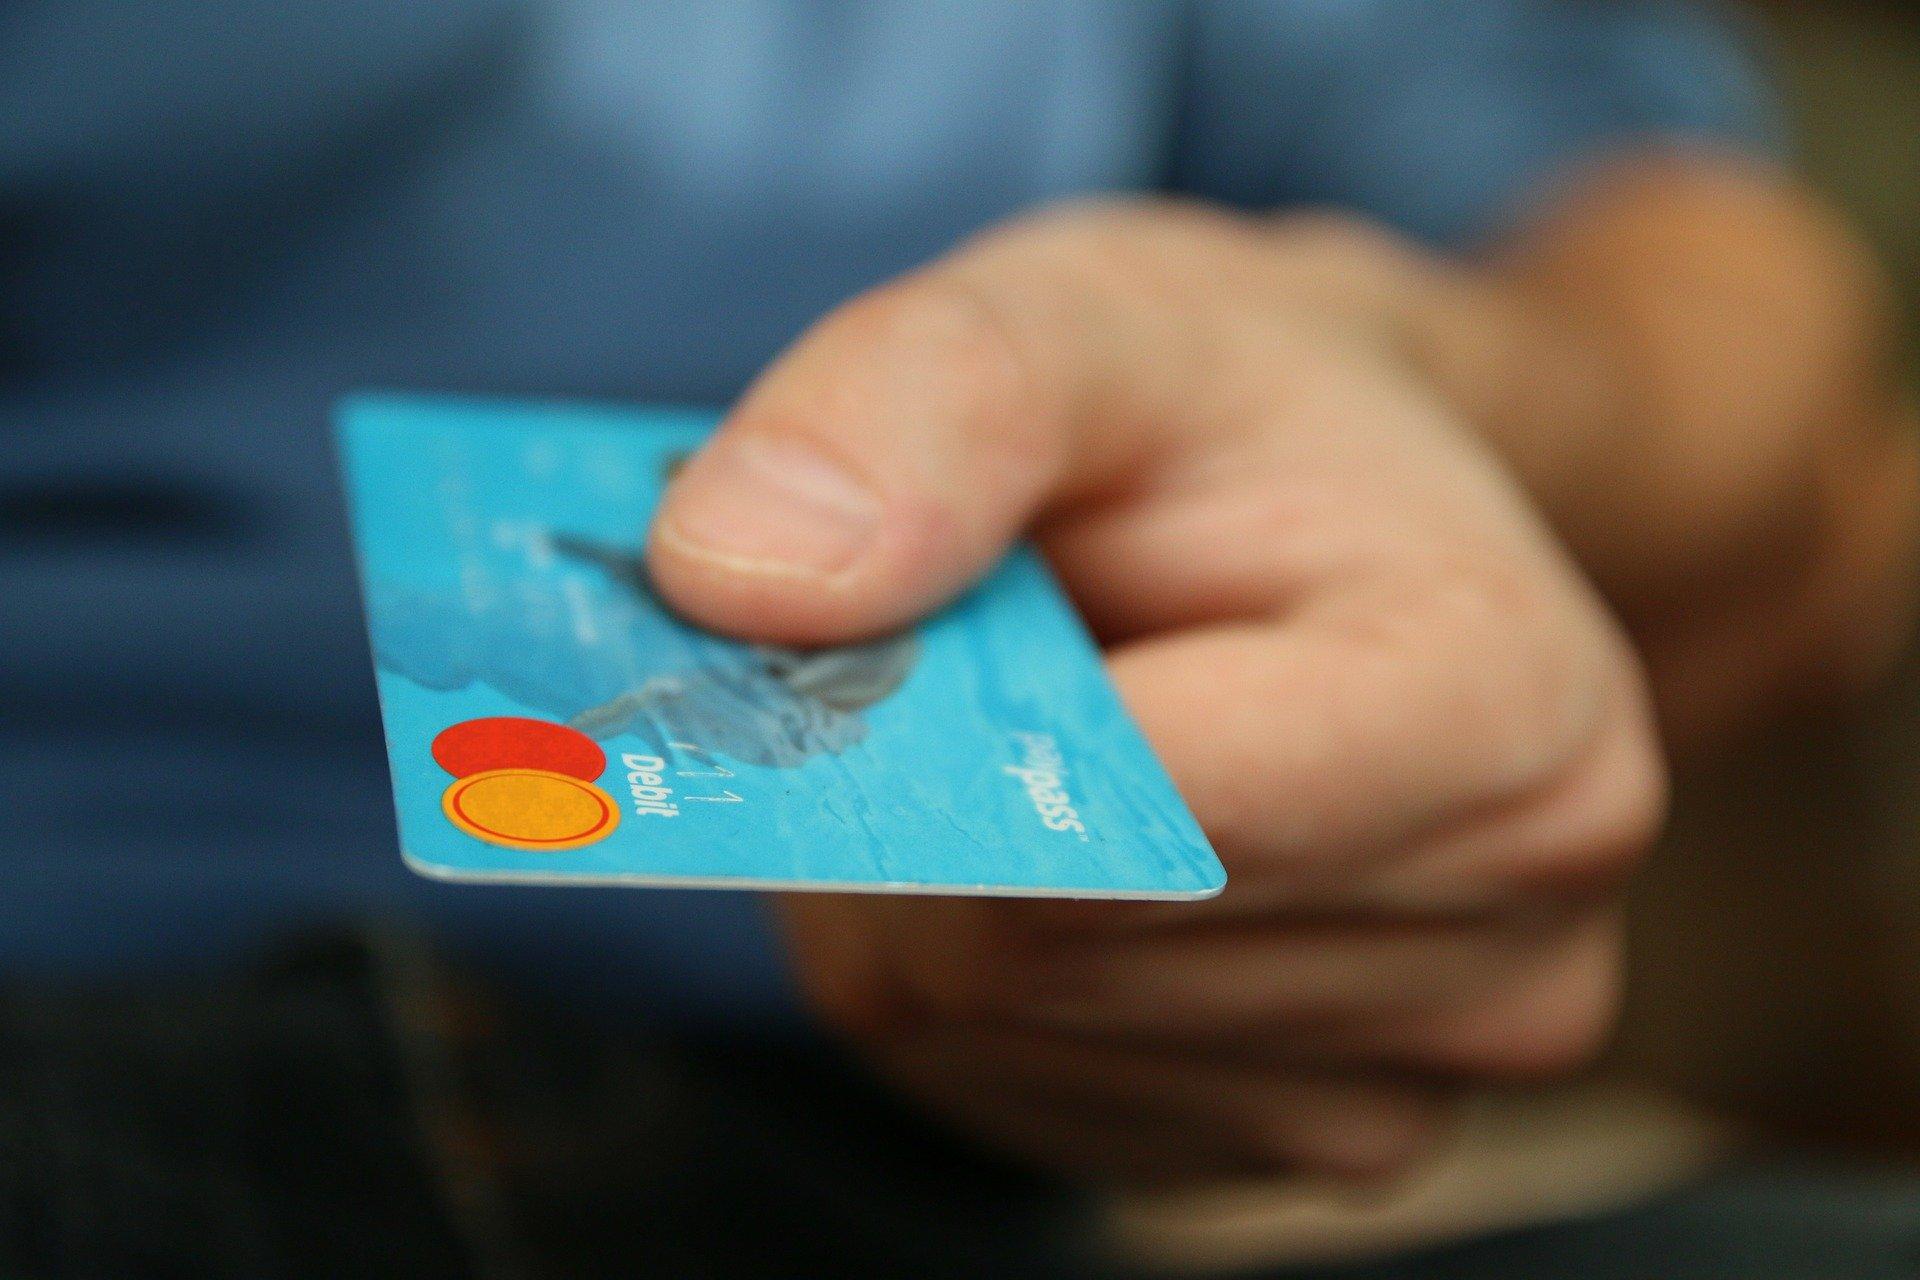 無職でもクレジットカードが作れた5つの方法・作れるカード5選